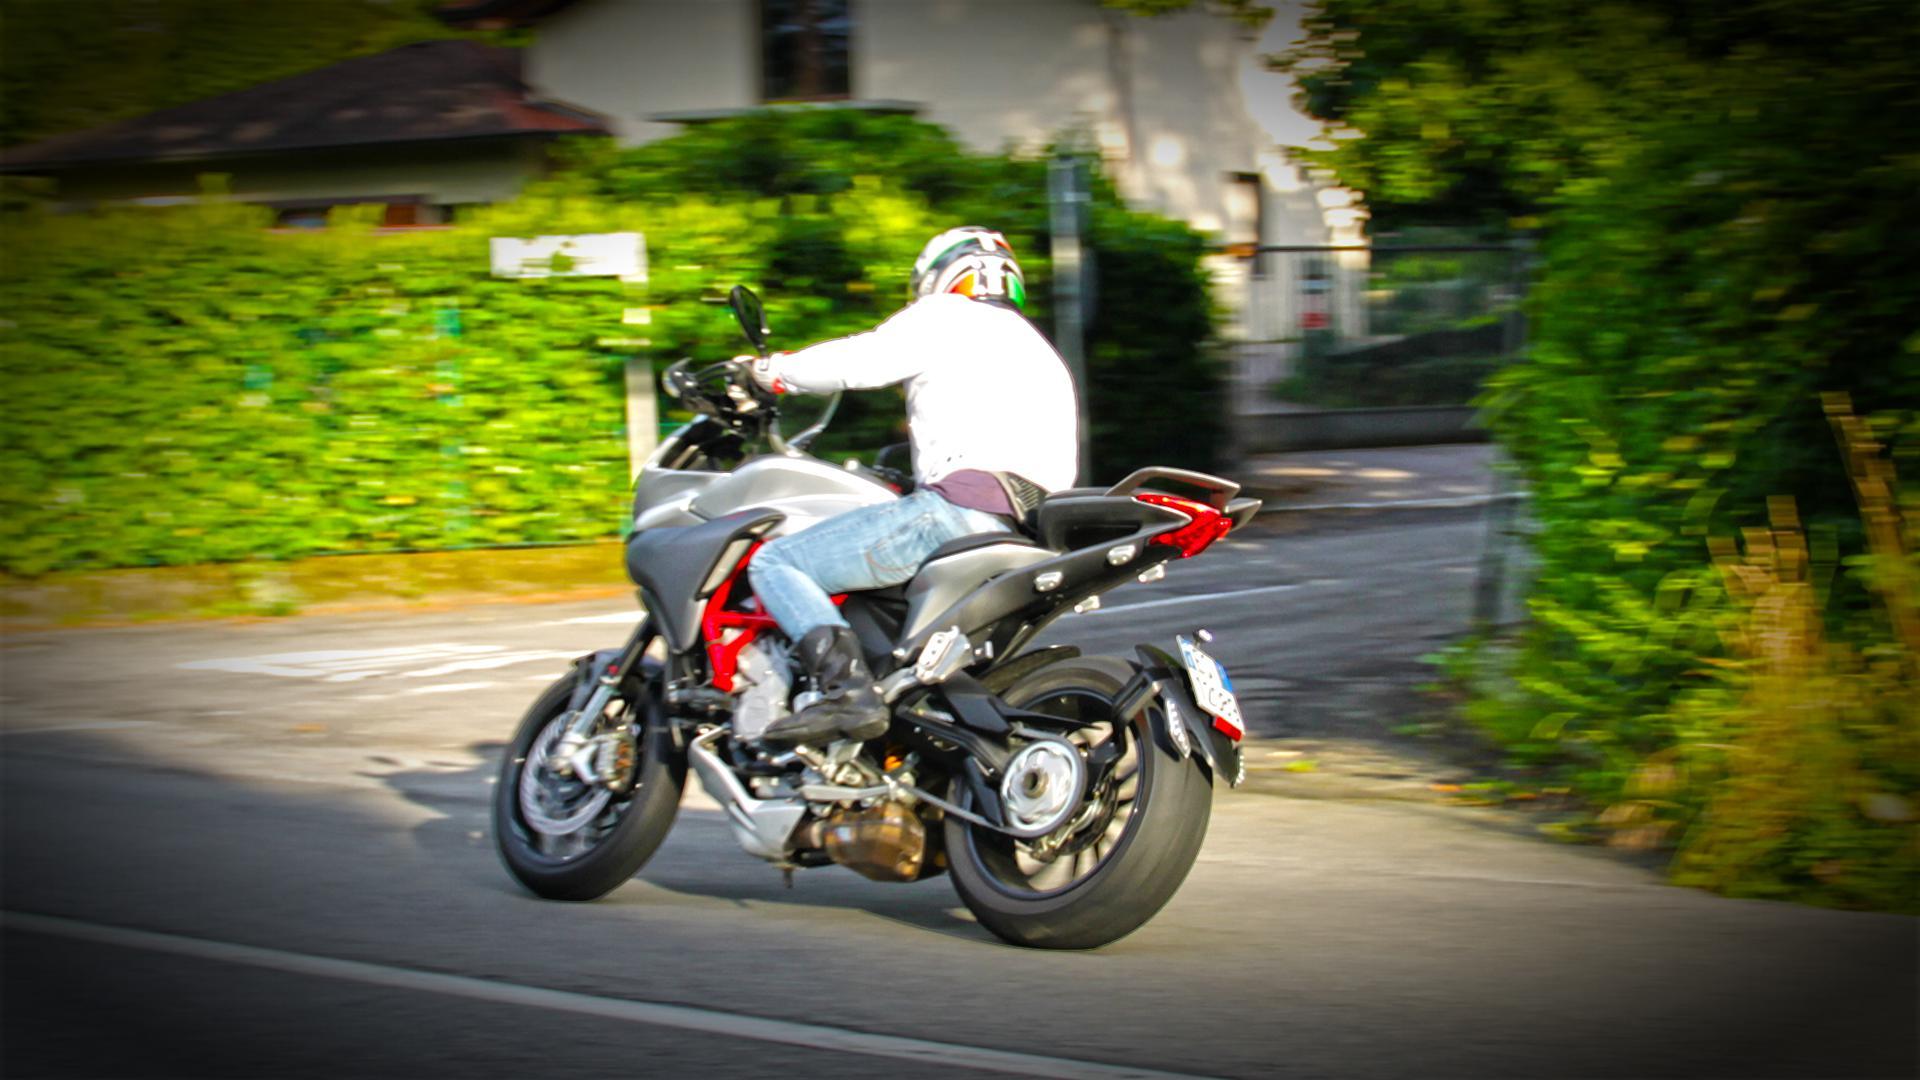 mv-agusta-turismo-veloce-prova-test-119